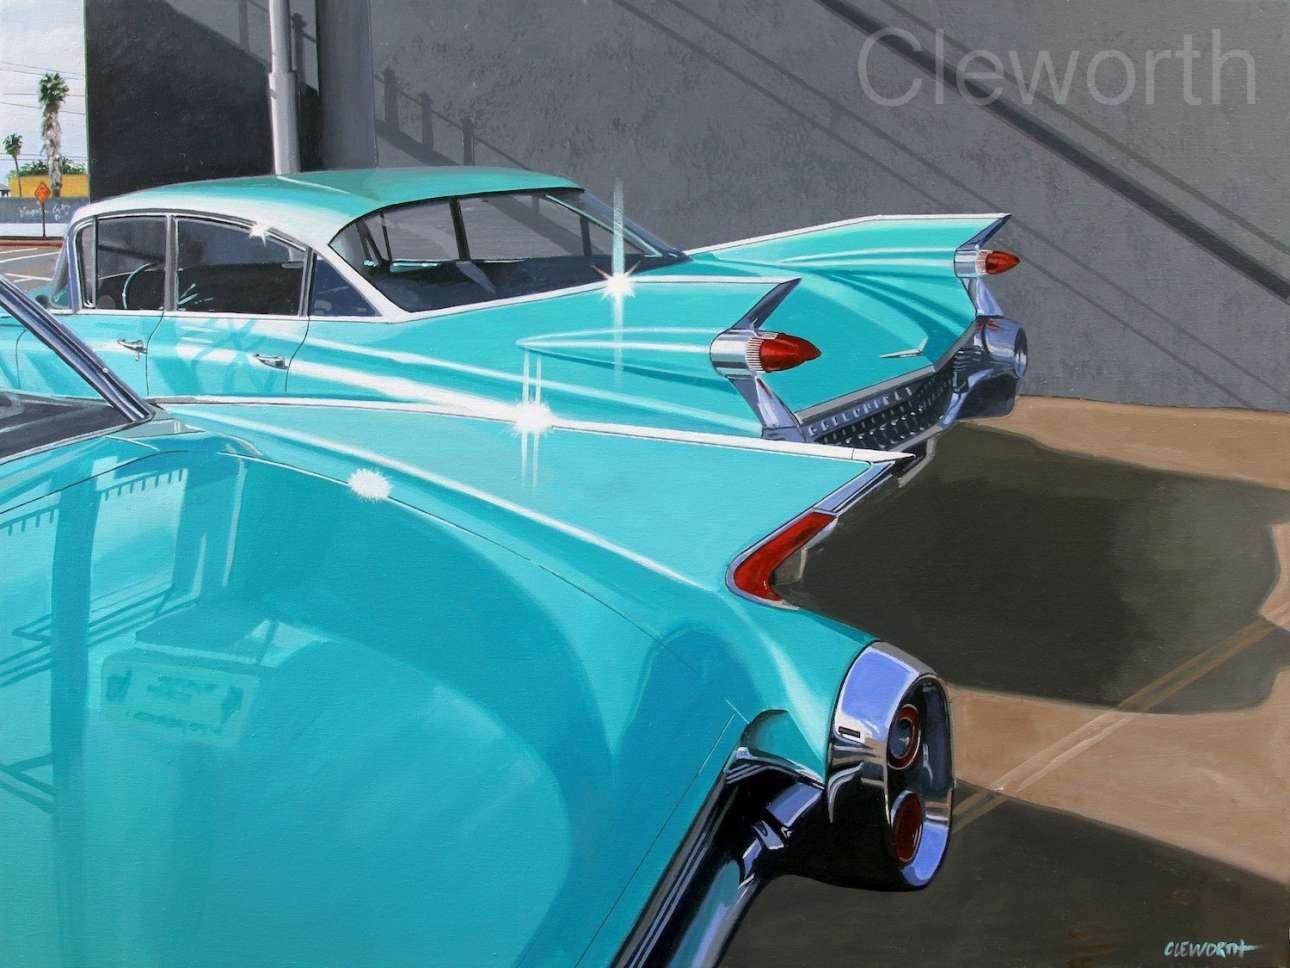 Κάντιλακ, του '50. Οι σχεδιαστές τις έφτιαξαν, ο ζωγράφος απέδωσε τα χρώματα και τις γραμμές τους. Τέχνη στην τέχνη